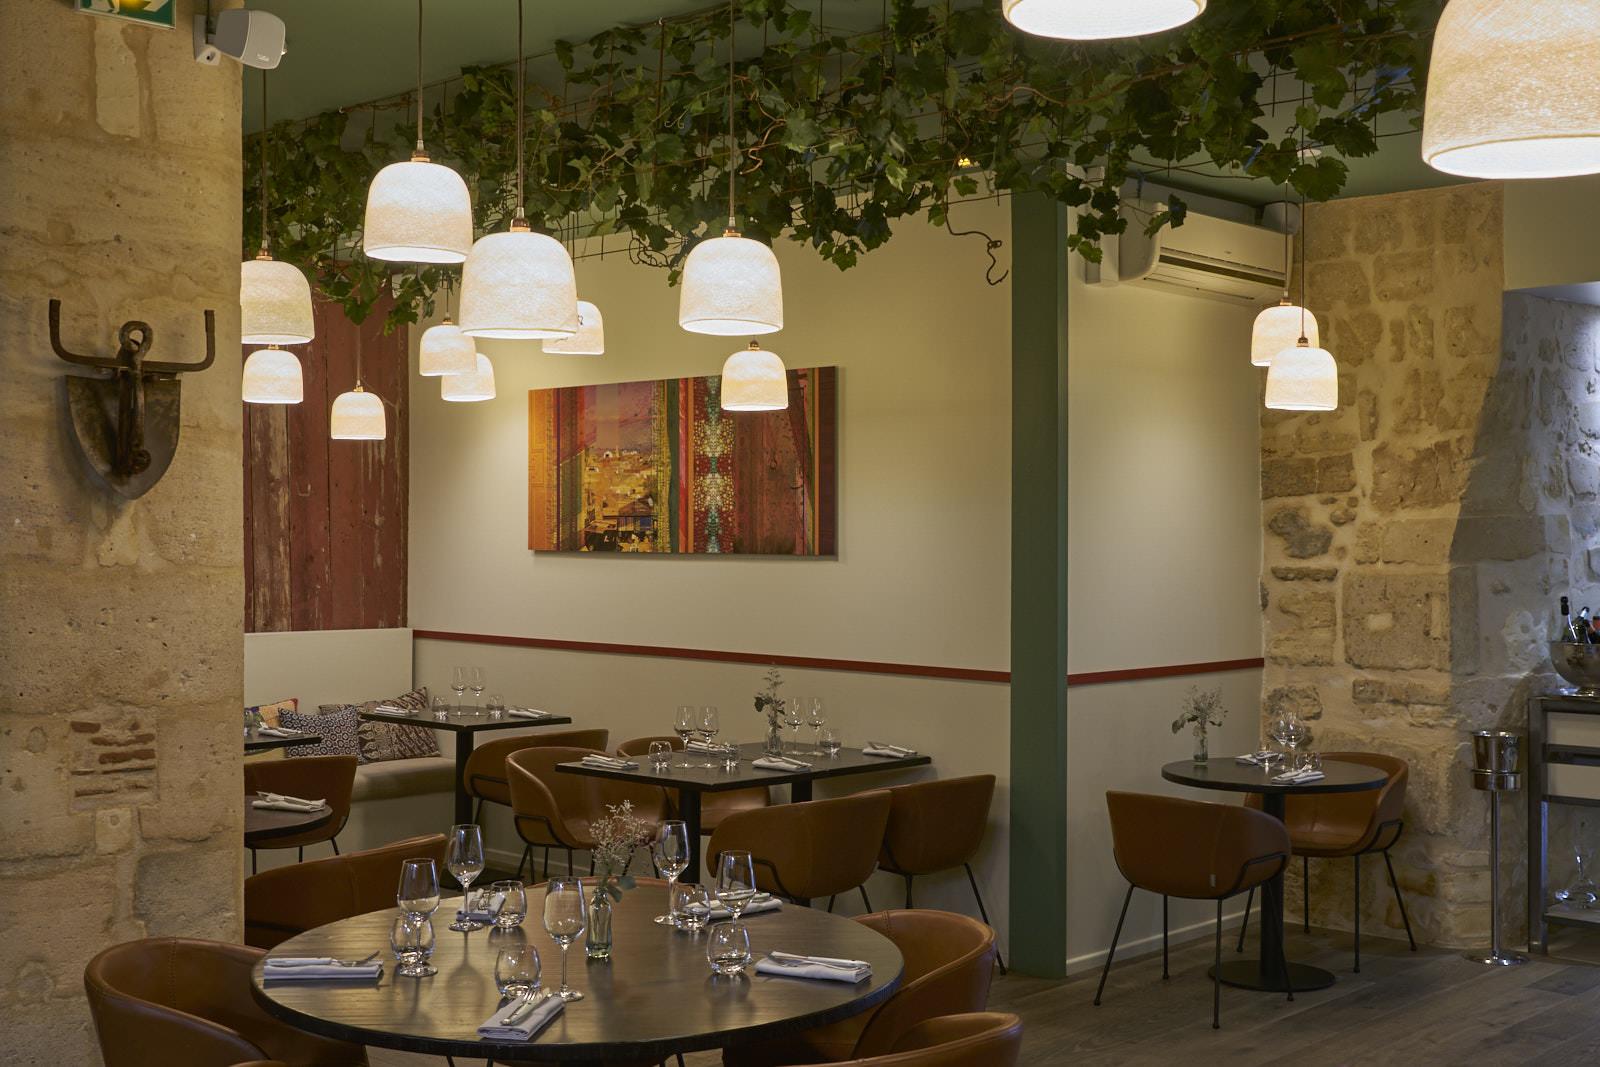 Restaurant gastronomique Bordeaux salle